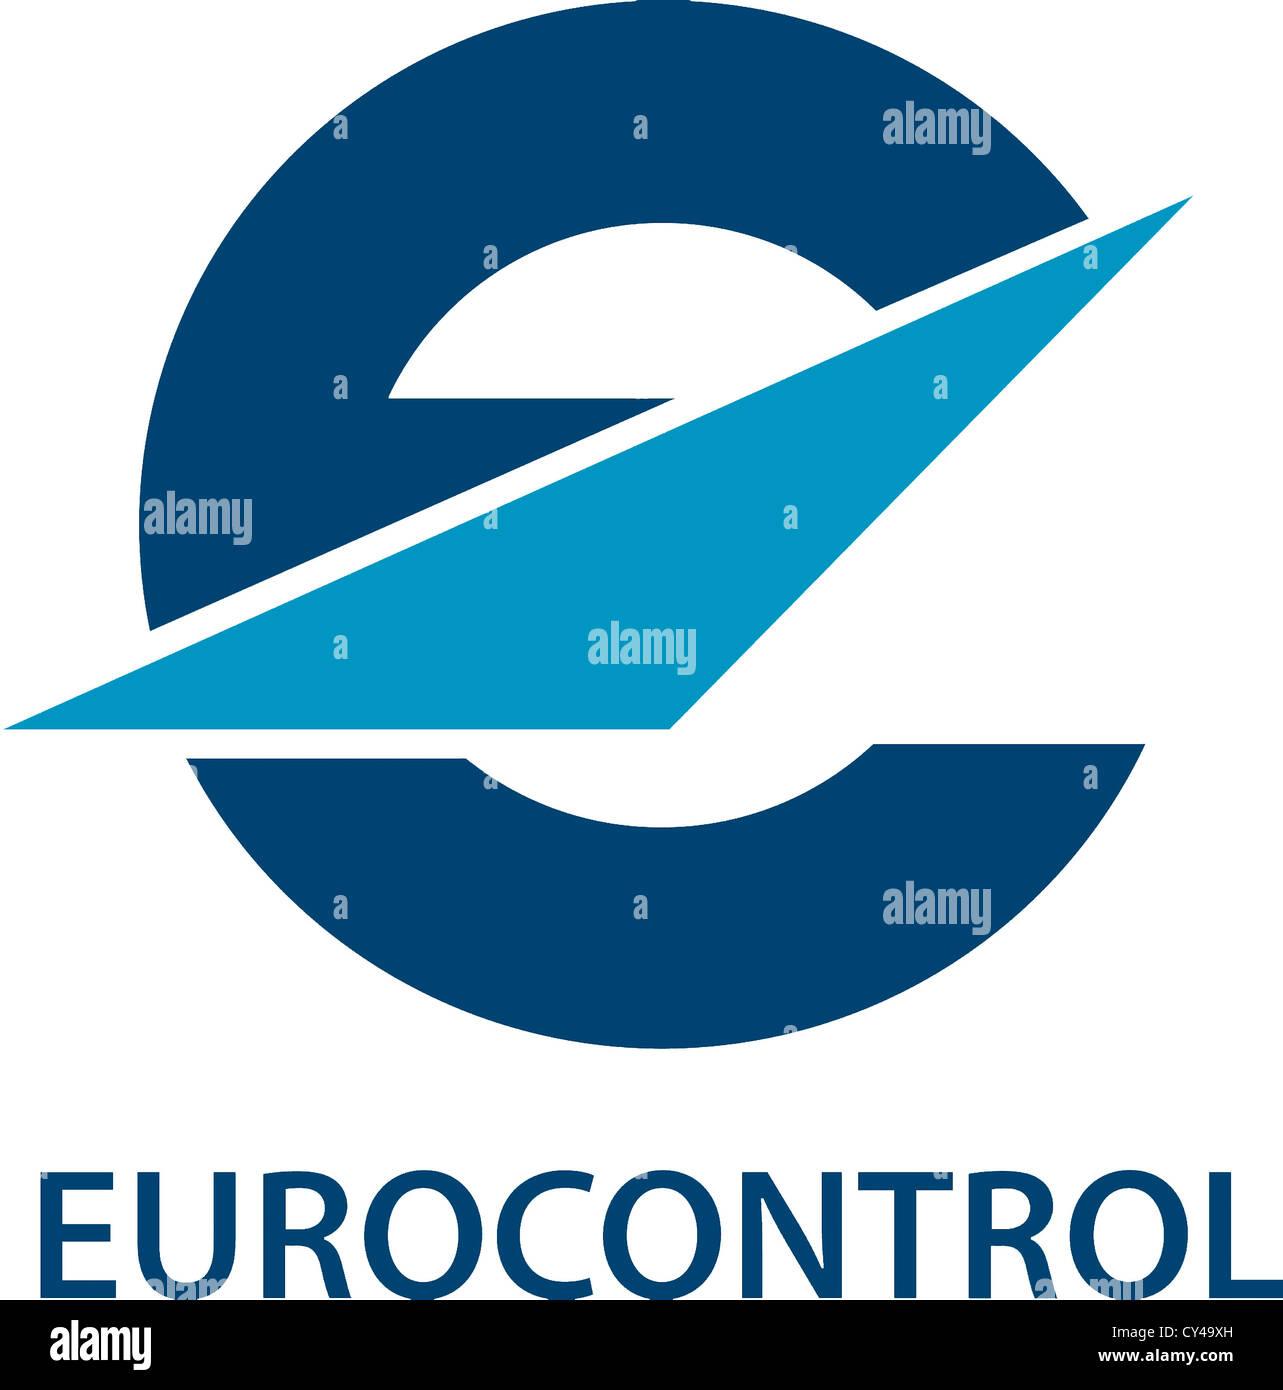 Il logo dei Organiziation europea per la sicurezza della navigazione aerea Eurocontrol con sede a Bruxelles. Immagini Stock